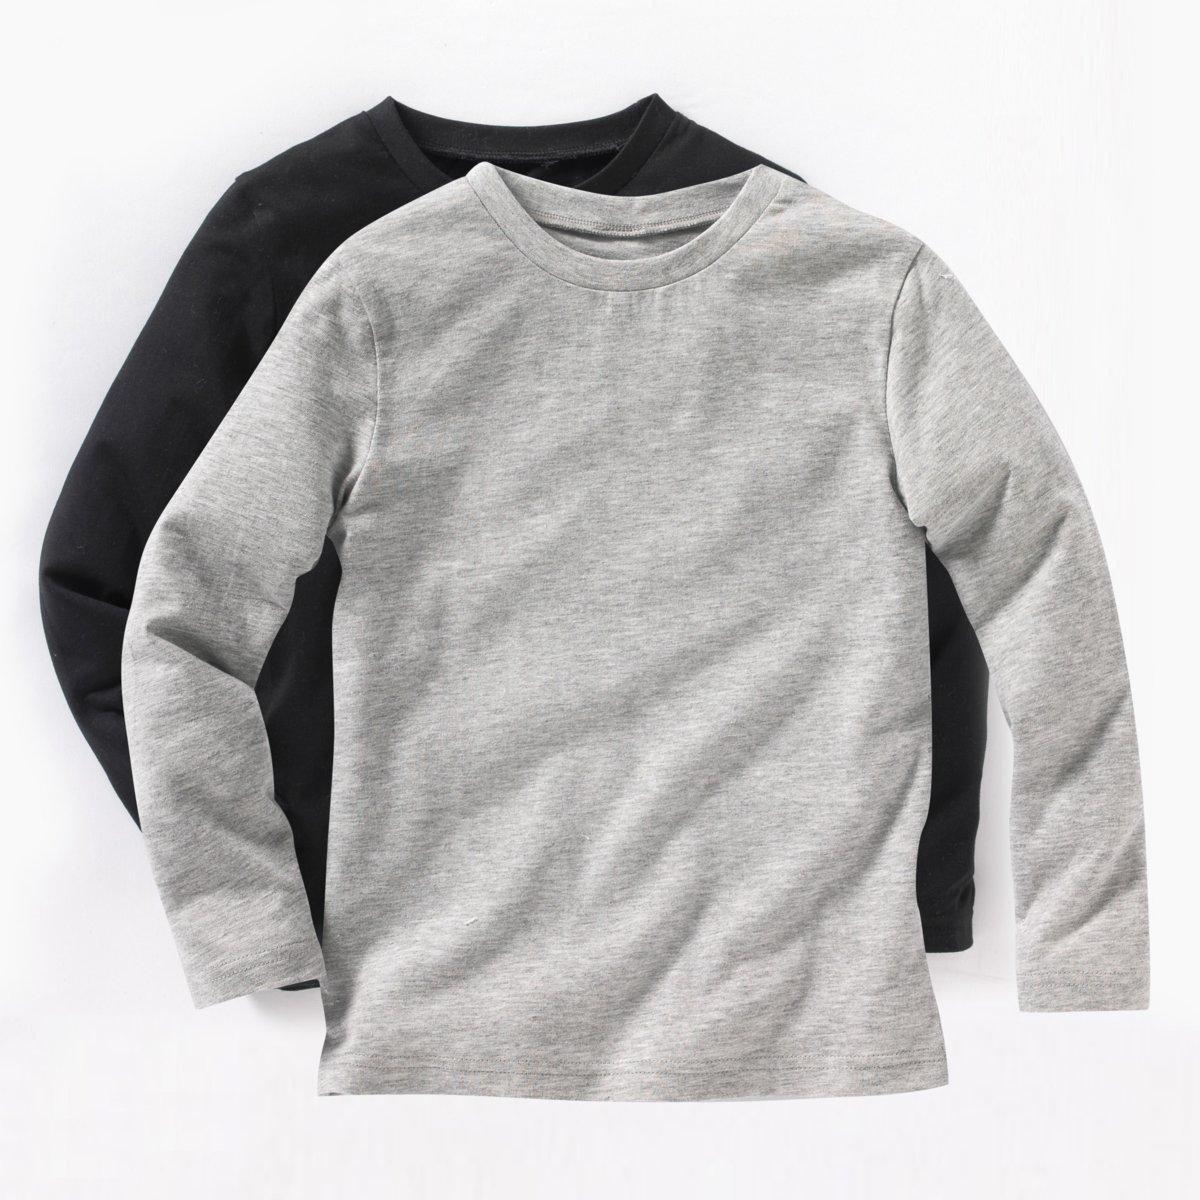 Комплект из 2 футболок, 3-12 летДетали •  Длинные рукава •  Круглый вырезСостав и уход •  100% хлопок •  Температура стирки 40°   •  Сухая чистка и отбеливание запрещены •  Барабанная сушка на деликатном режиме • Средняя температура глажки.<br><br>Цвет: красный + темно-синий,серый меланж + белый,черный + серый меланж<br>Размер: 4 года - 102 см.6 лет - 114 см.8 лет - 126 см.2 года - 86 см.10 лет - 138 см.18 мес. - 81 см.6 лет - 114 см.8 лет - 126 см.10 лет - 138 см.12 лет -150 см.18 мес. - 81 см.5 лет - 108 см